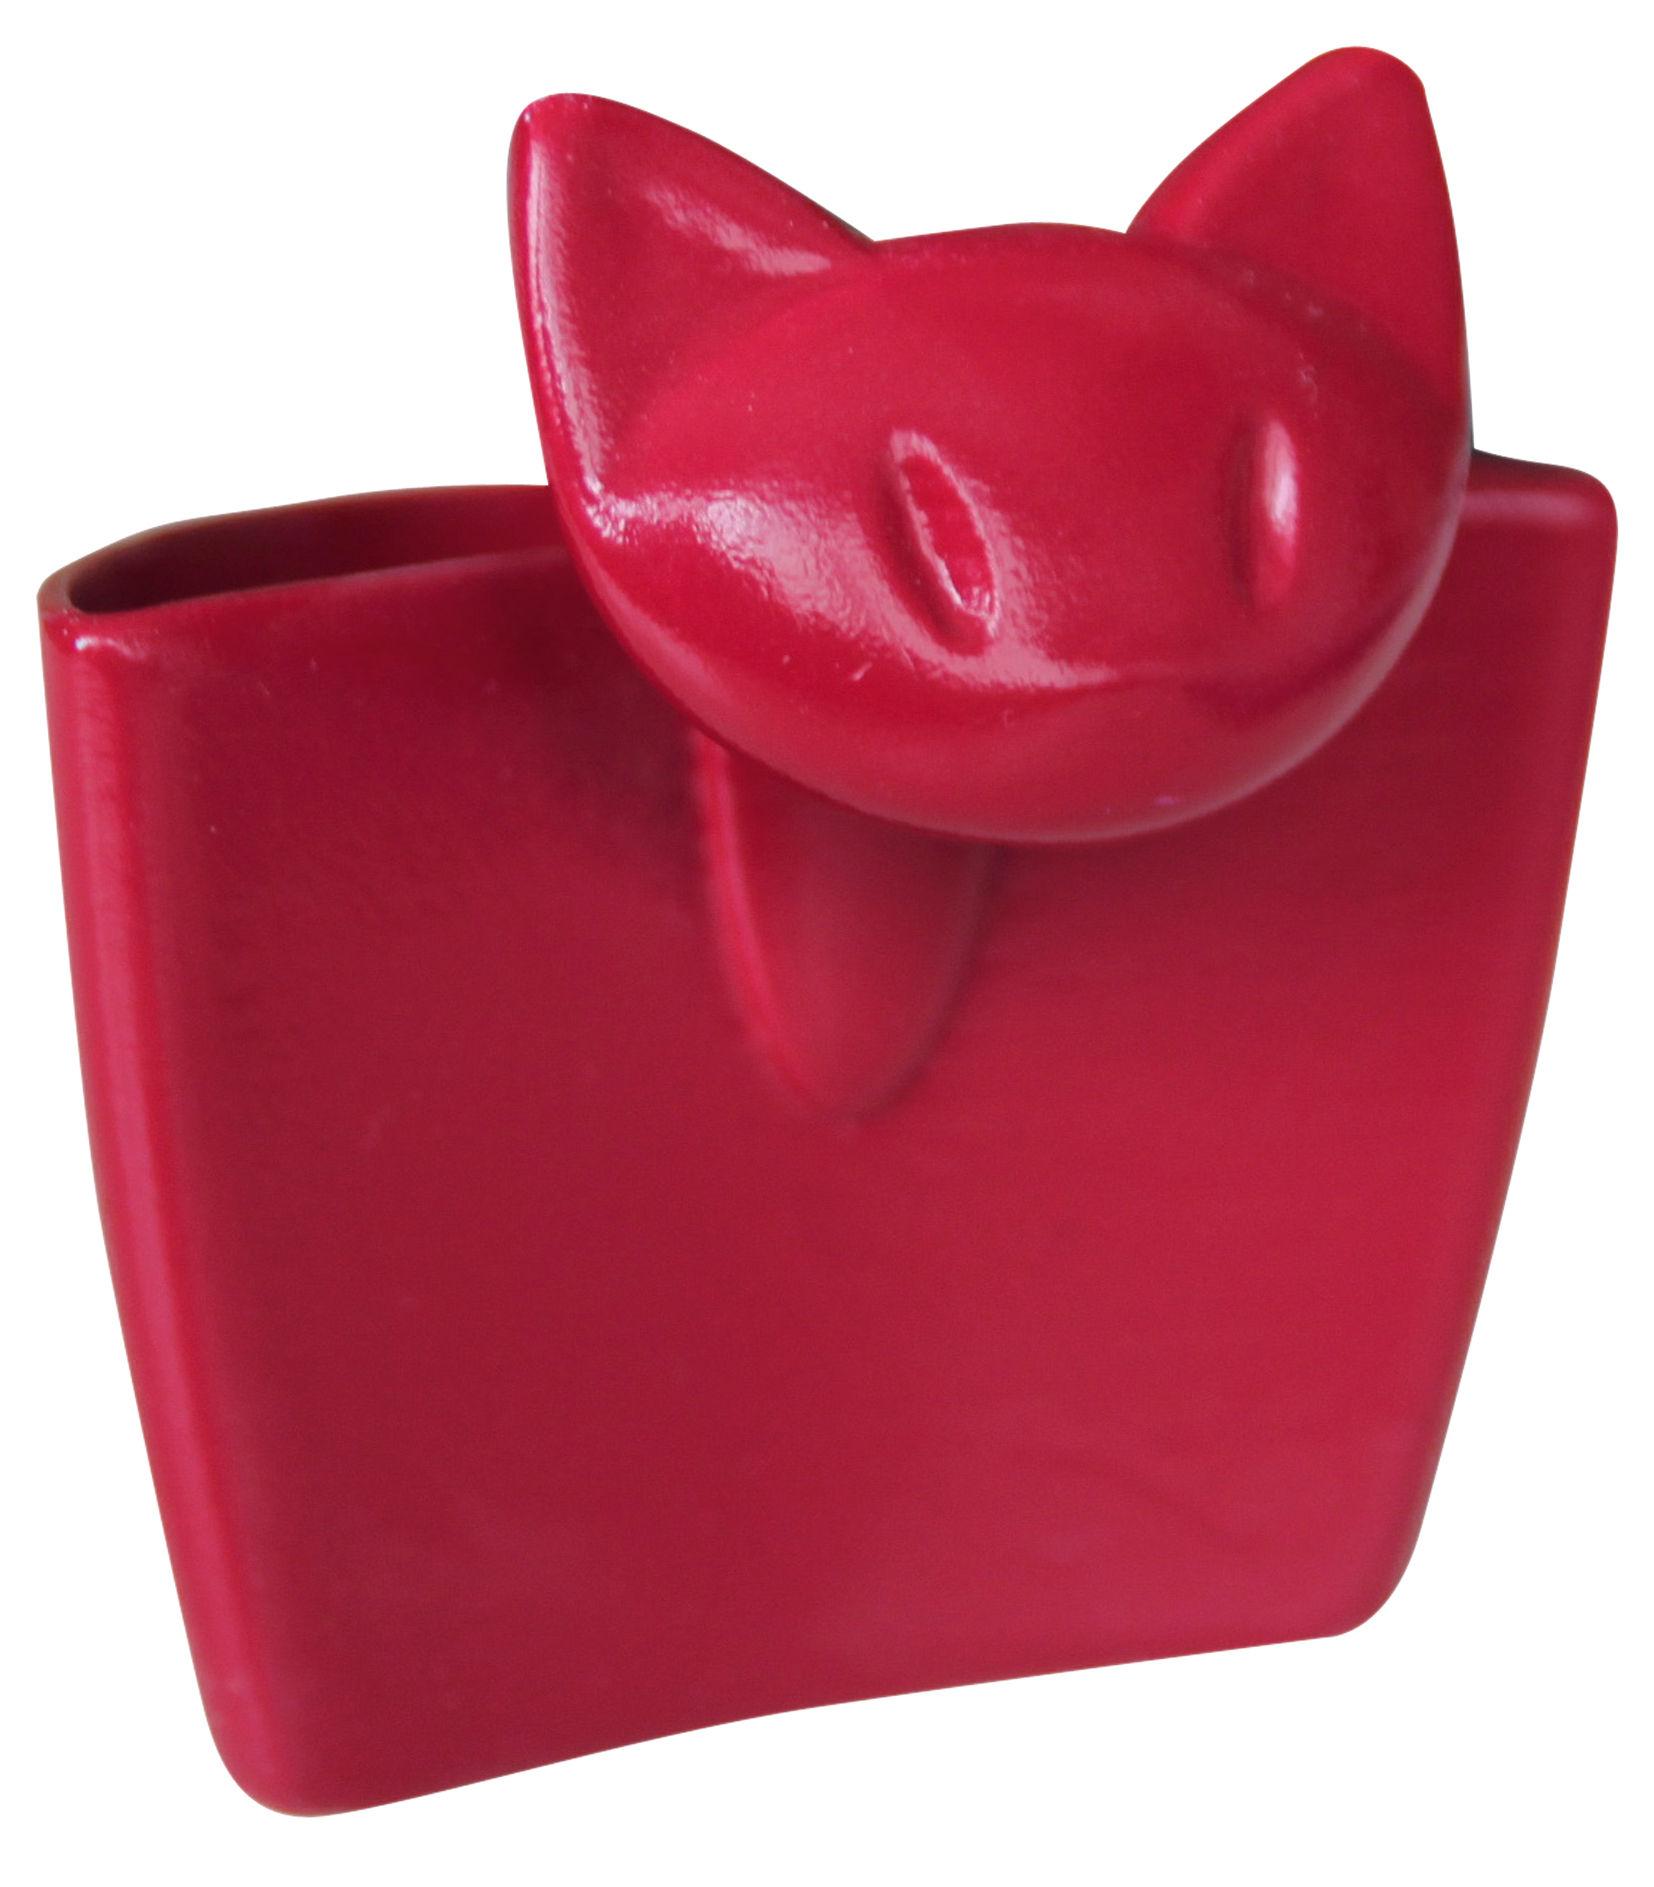 Arts de la table - Thé et café - Porte-sachet de thé Mimmi / Mini pochette à suspendre - Koziol - Rouge framboise - Plastique SAN